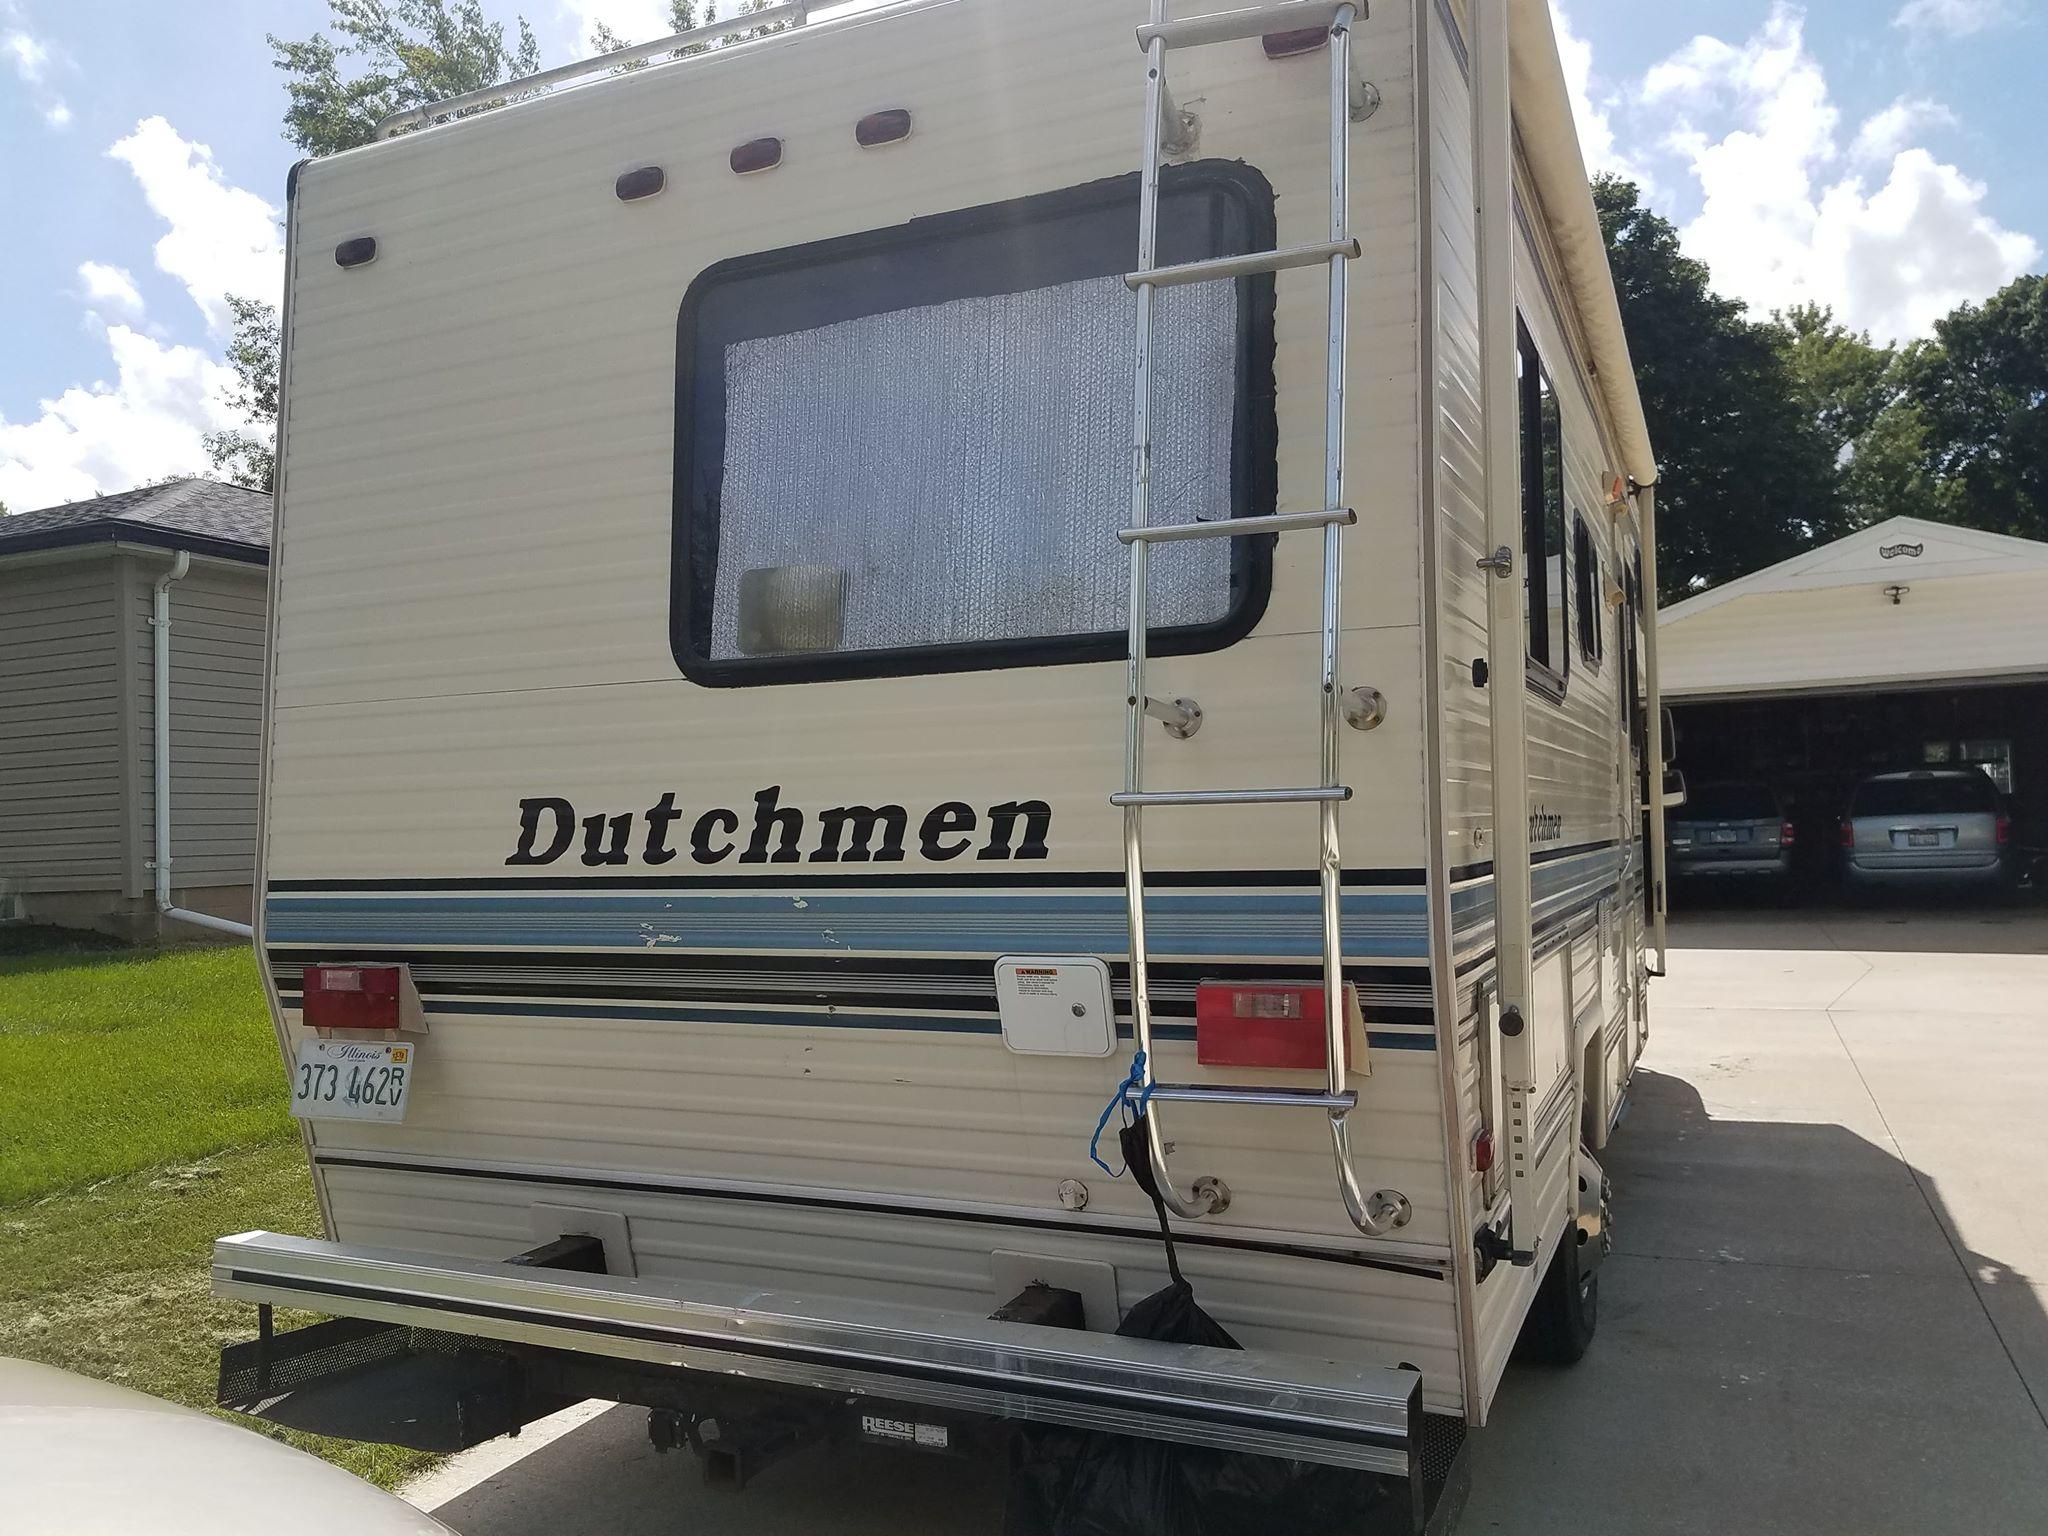 Chevy Dutchmen 1993